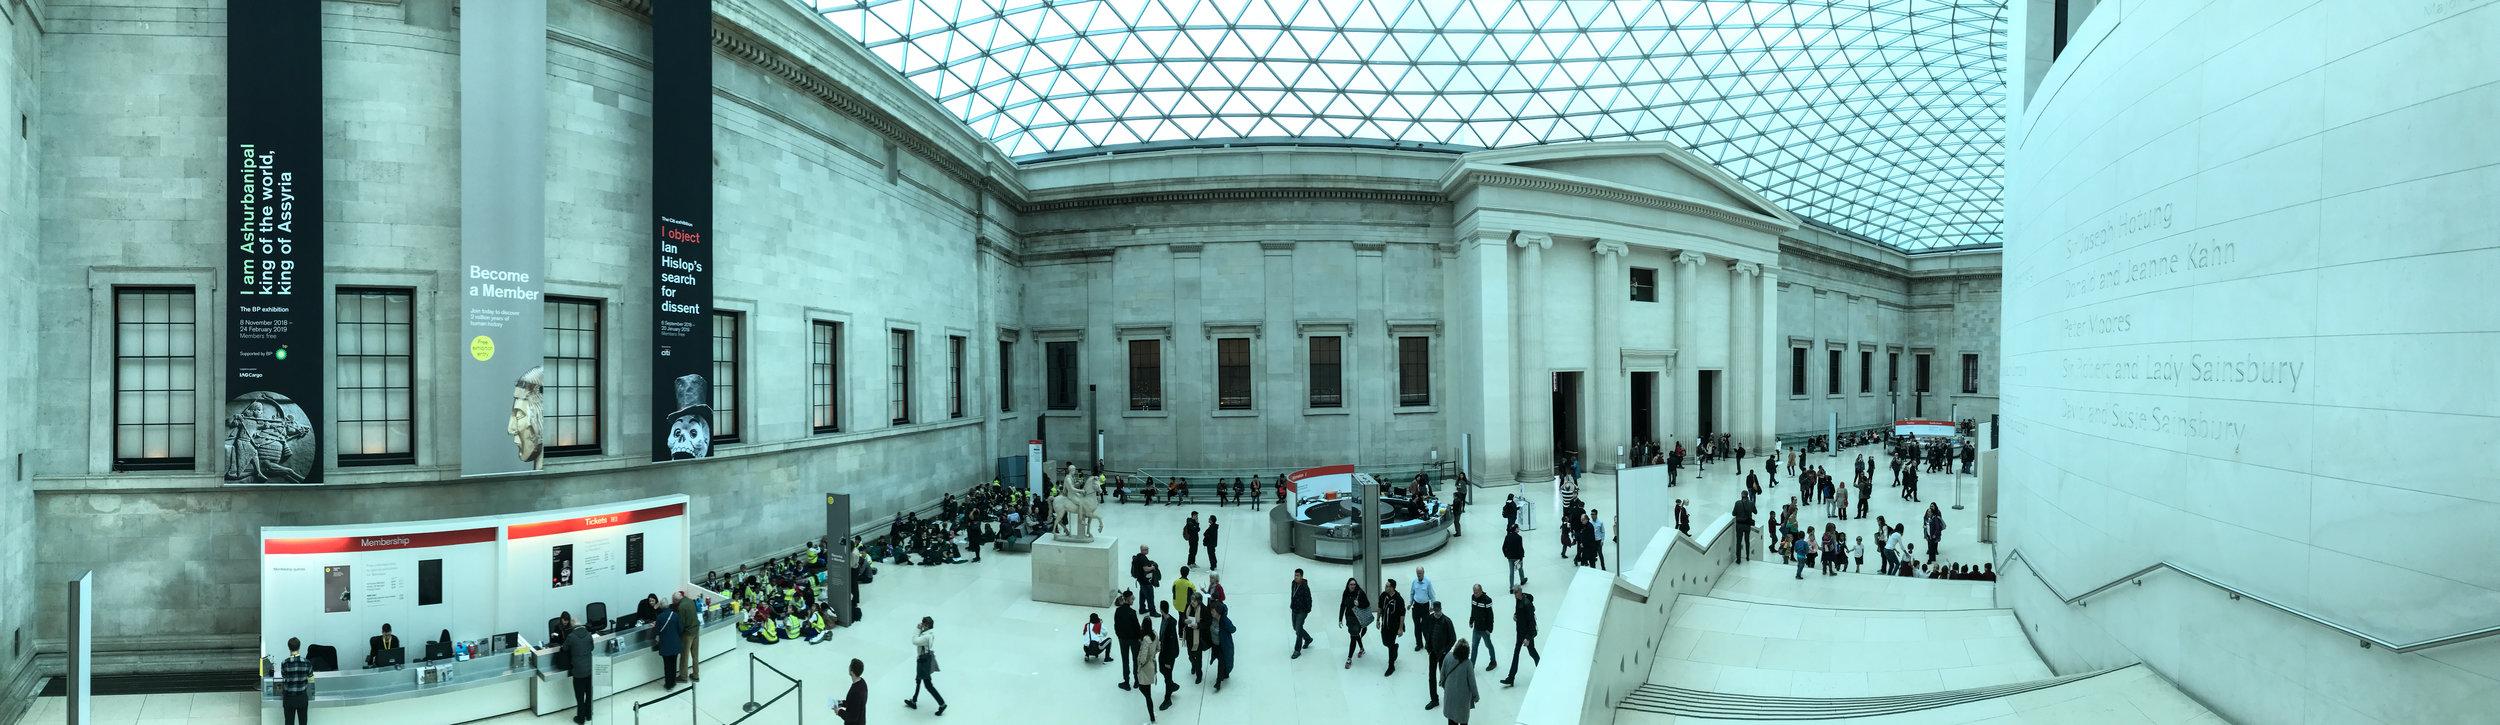 BRITISH MUSEUM - LONDON - INTERIOR